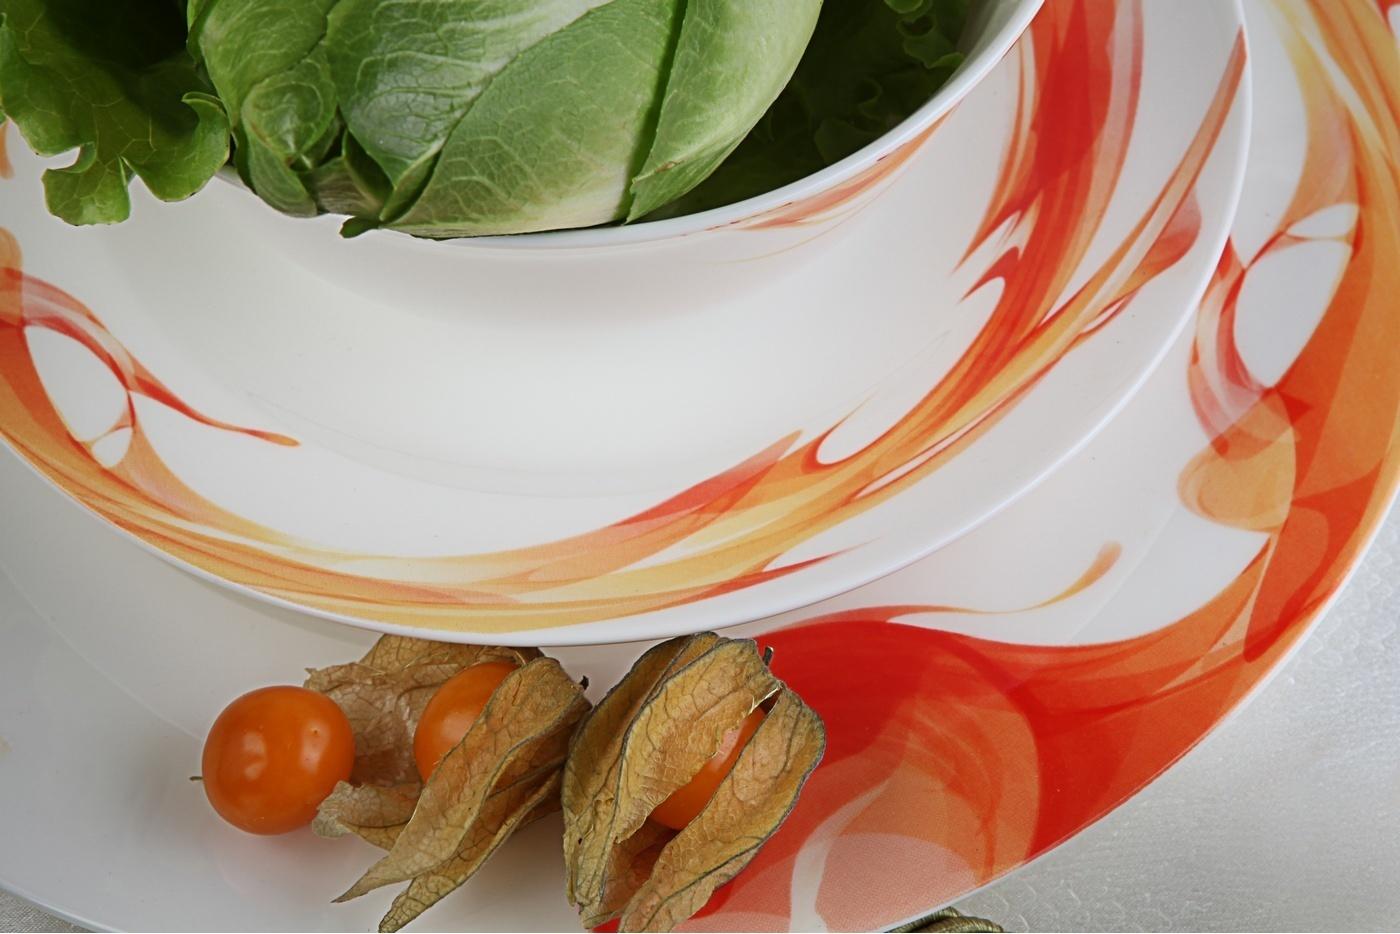 Столовый сервиз Royal Aurel Фиеста арт.435, 27 предметовСтоловые сервизы<br>Столовый сервиз Royal Aurel Фиеста арт.435, 27 предметов<br><br><br><br><br><br><br><br><br><br><br><br>Тарелка плоская 27 см, 6 шт.<br>Тарелка плоская 20 см, 6 шт.<br>Тарелка суповая 19,5 см, 6 шт.<br>Салатник 15 см, 6 шт.<br><br><br><br><br><br><br><br><br>Блюдо овальное 31см<br>Солонка и перечница<br><br><br><br><br><br><br><br>Производить посуду из фарфора начали в Китае на стыке 6-7 веков. Неустанно совершенствуя и селективно отбирая сырье для производства посуды из фарфора, мастерам удалось добиться выдающихся характеристик фарфора: белизны и тонкостенности. В XV веке появился особый интерес к китайской фарфоровой посуде, так как в это время Европе возникла мода на самобытные китайские вещи. Роскошный китайский фарфор являлся изыском и был в новинку, поэтому он выступал в качестве подарка королям, а также знатным людям. Такой дорогой подарок был очень престижен и по праву являлся элитной посудой. Как известно из многочисленных исторических документов, в Европе китайские изделия из фарфора ценились практически как золото. <br>Проверка изделий из костяного фарфора на подлинность <br>По сравнению с производством других видов фарфора процесс производства изделий из настоящего костяного фарфора сложен и весьма длителен. Посуда из изящного фарфора - это элитная посуда, которая всегда ассоциируется с богатством, величием и благородством. Несмотря на небольшую толщину, фарфоровая посуда - это очень прочное изделие. Для демонстрации плотности и прочности фарфора можно легко коснуться предметов посуды из фарфора деревянной палочкой, и тогда мы услушим характерный металлический звон. В составе фарфоровой посуды присутствует костяная зола, благодаря чему она может быть намного тоньше (не более 2,5 мм) и легче твердого или мягкого фарфора. Безупречная белизна - ключевой признак отличия такого фарфора от других. Цвет обычного фарфора сероватый или ближе к голубоватому, а костяной фарфор будет всегда